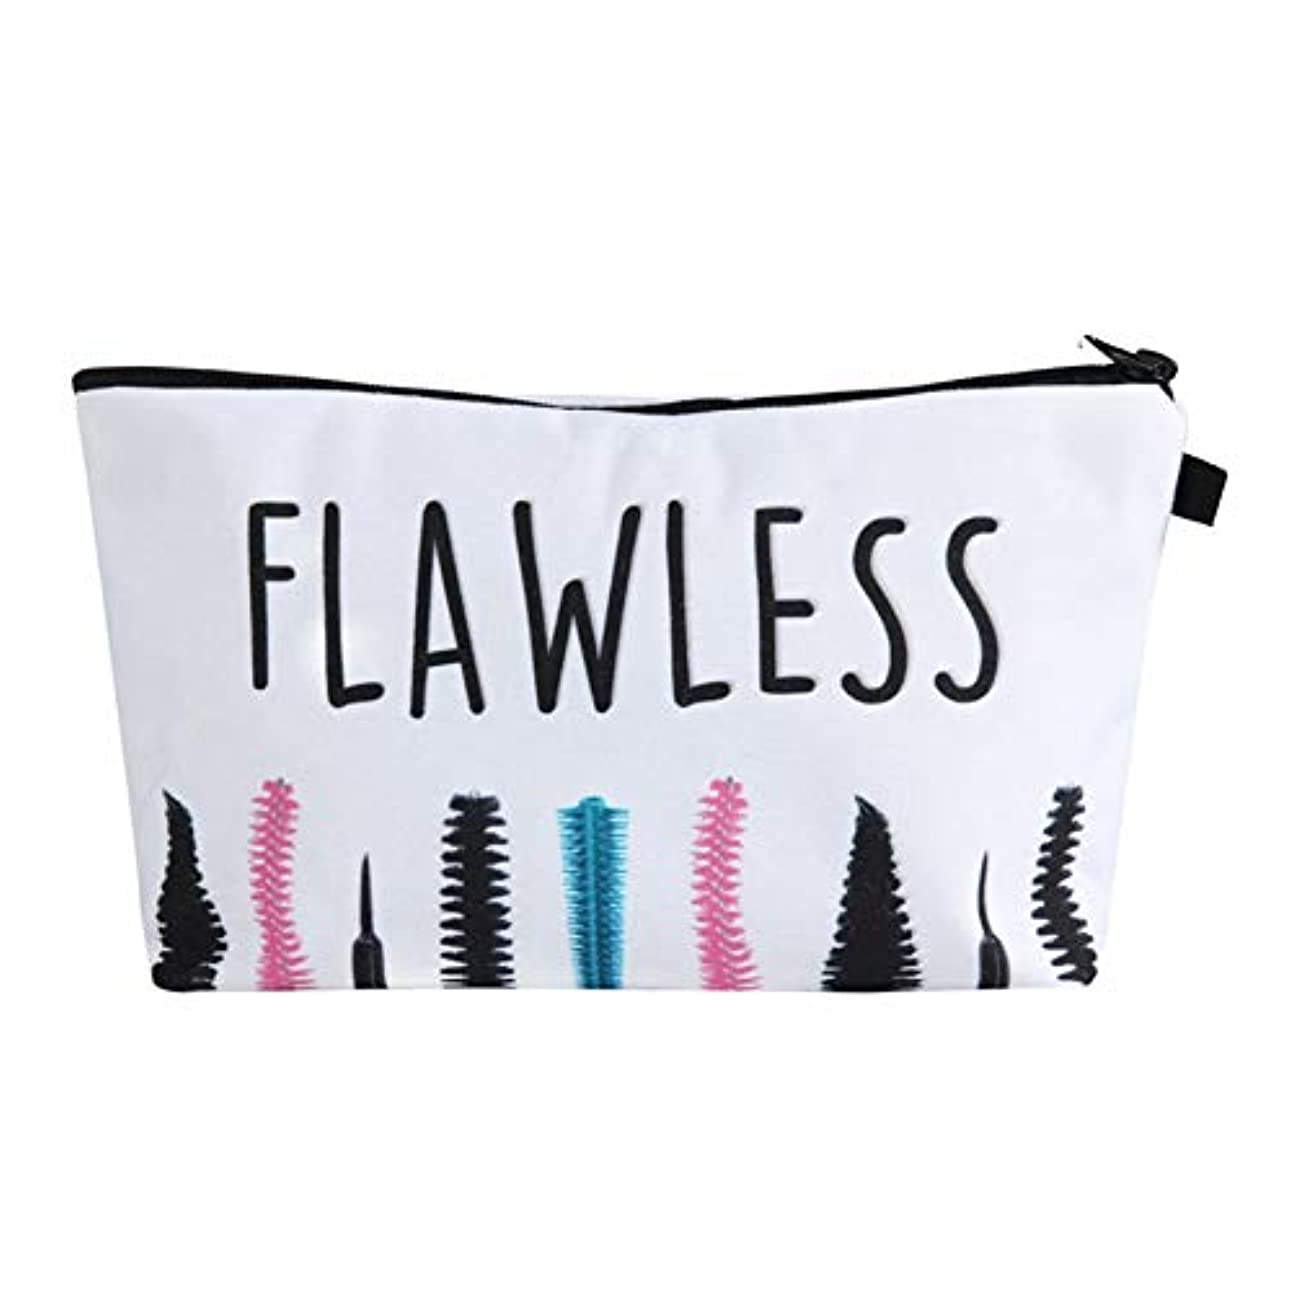 寝具倍増薄汚い化粧オーガナイザーバッグ ポータブル防水化粧品袋印刷トップジッパーメークアップの場合旅行 化粧品ケース (色 : 白)